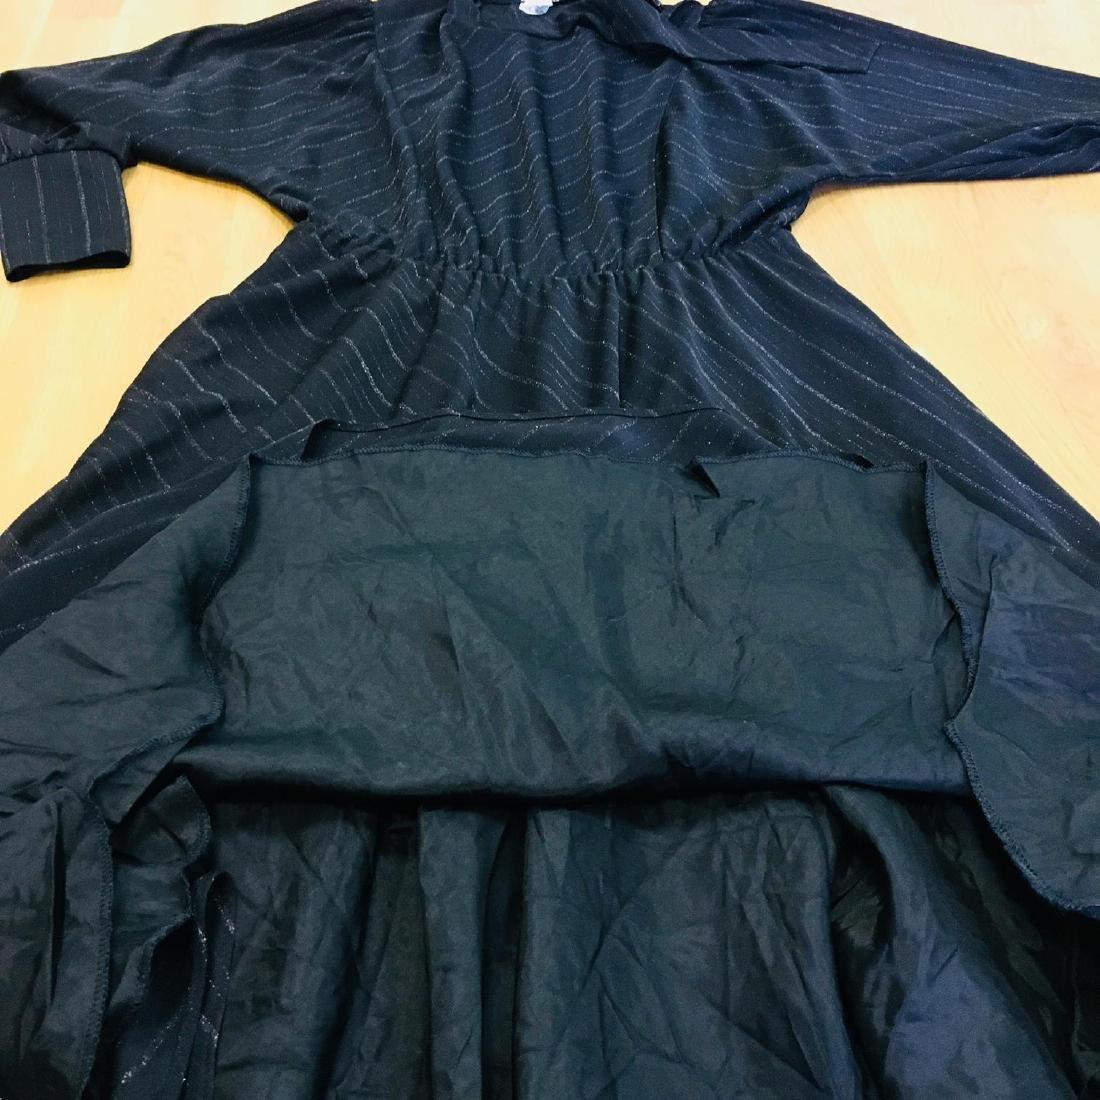 Vintage Women's Black Coctail Evening Dress - 8